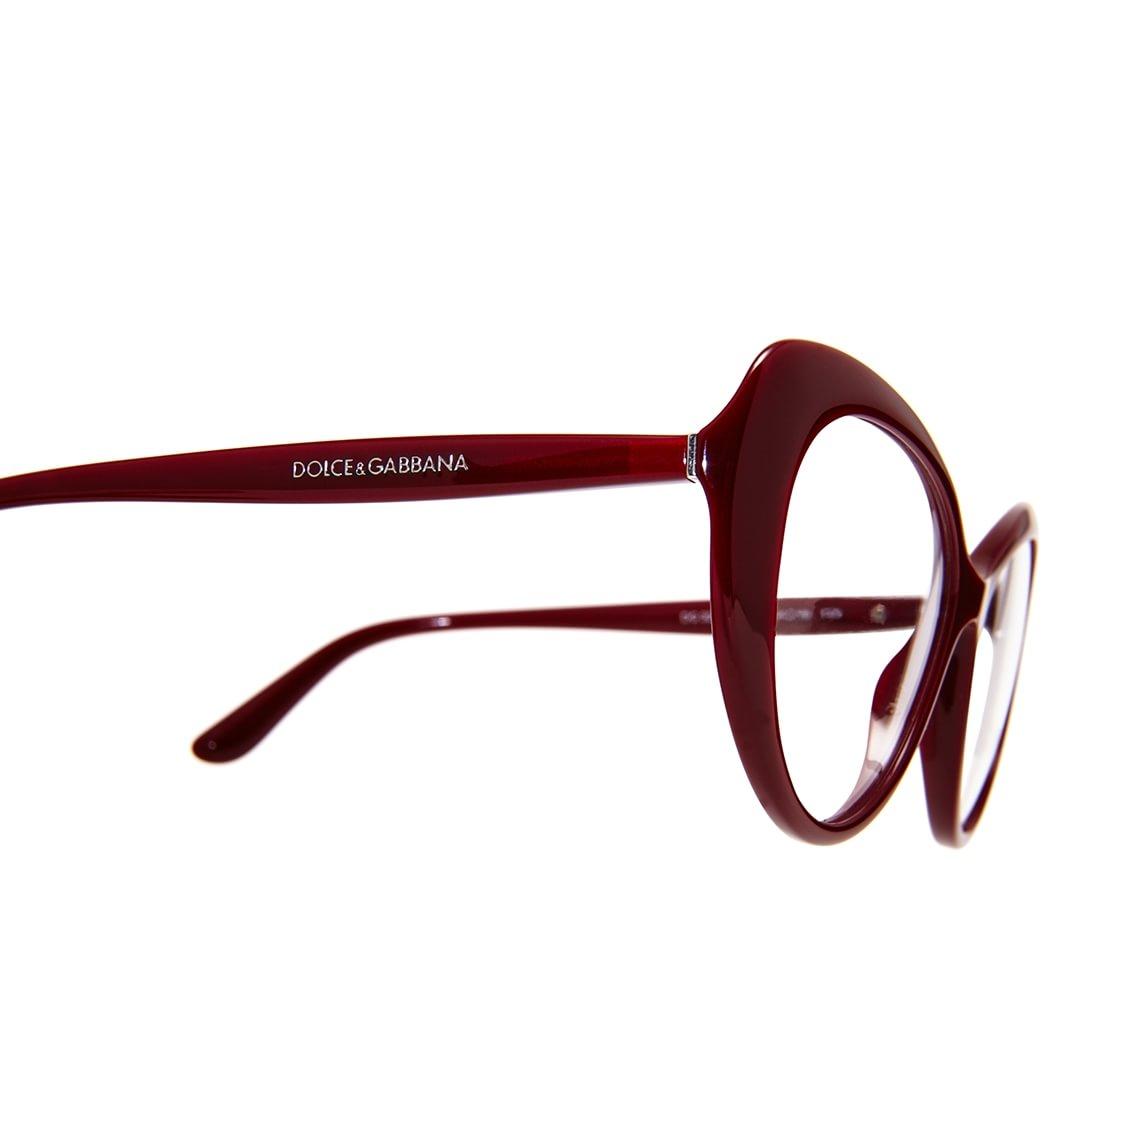 Dolce & Gabbana DG3264 3091 54